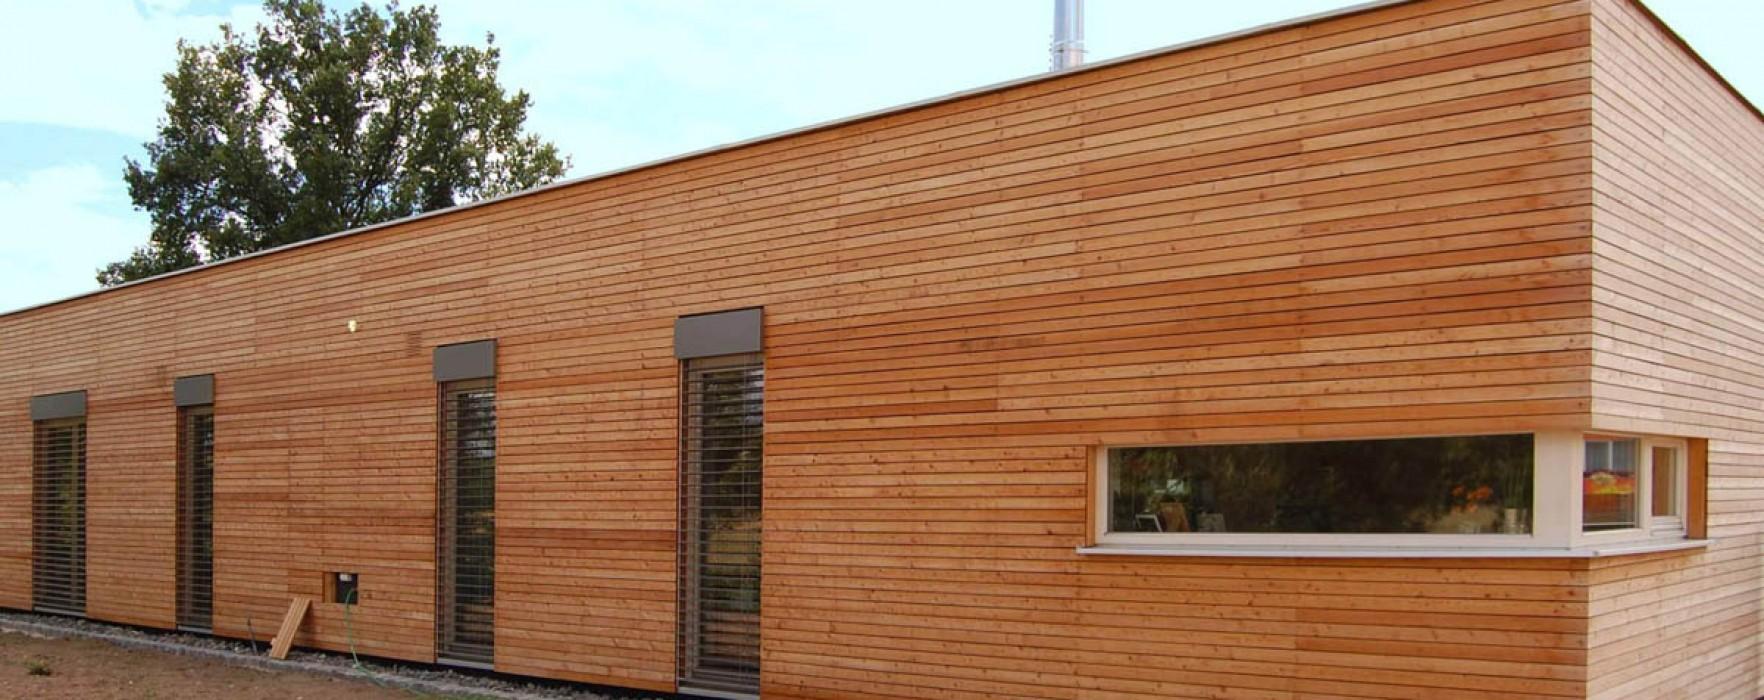 Reperire informazioni per realizzare una casa di legno for Costi dell appaltatore per la costruzione di una casa